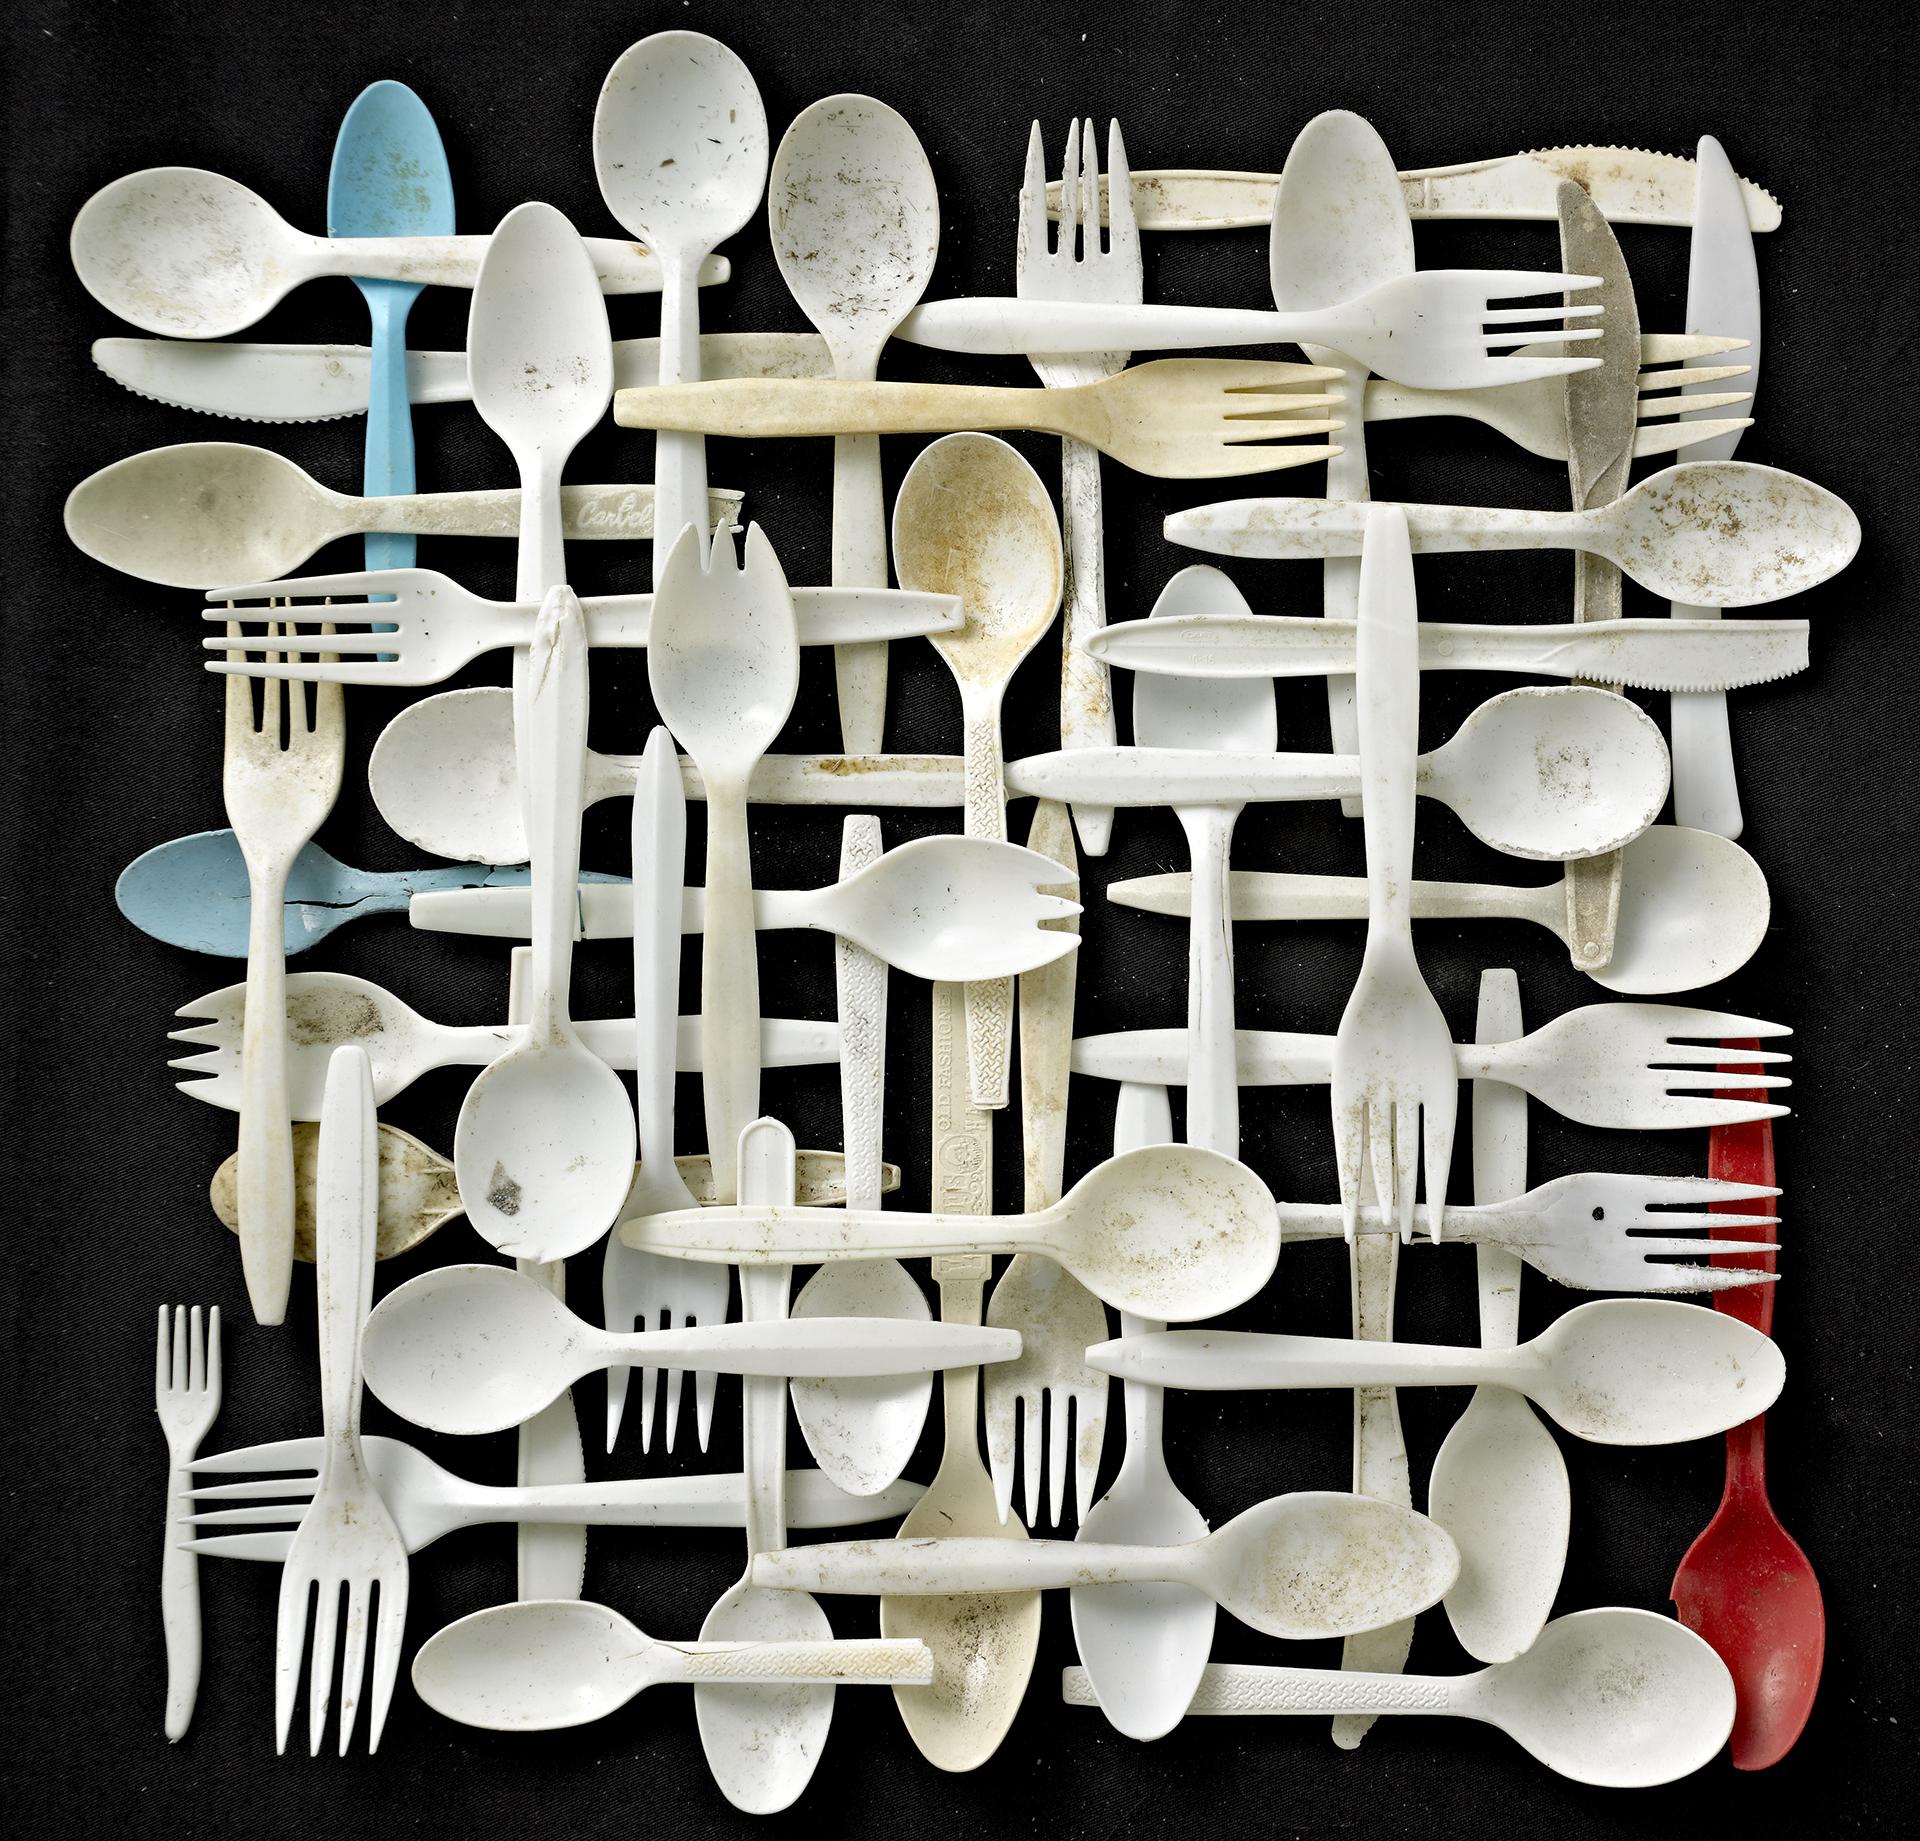 t_BRosenthal_Forks_Spoons.jpg